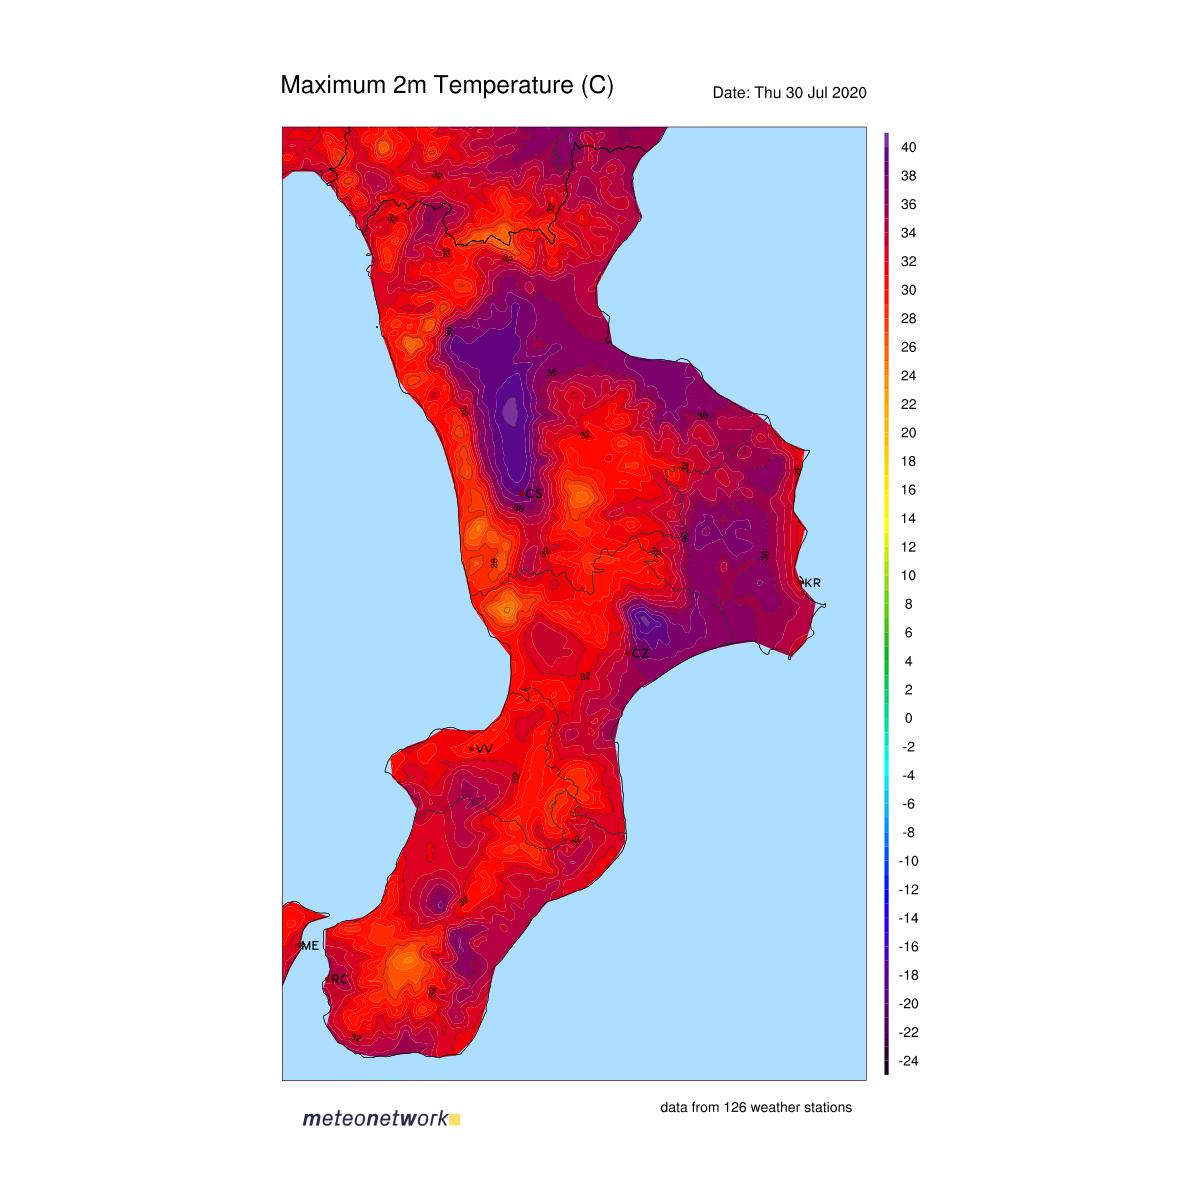 Meteo live: superati 40°